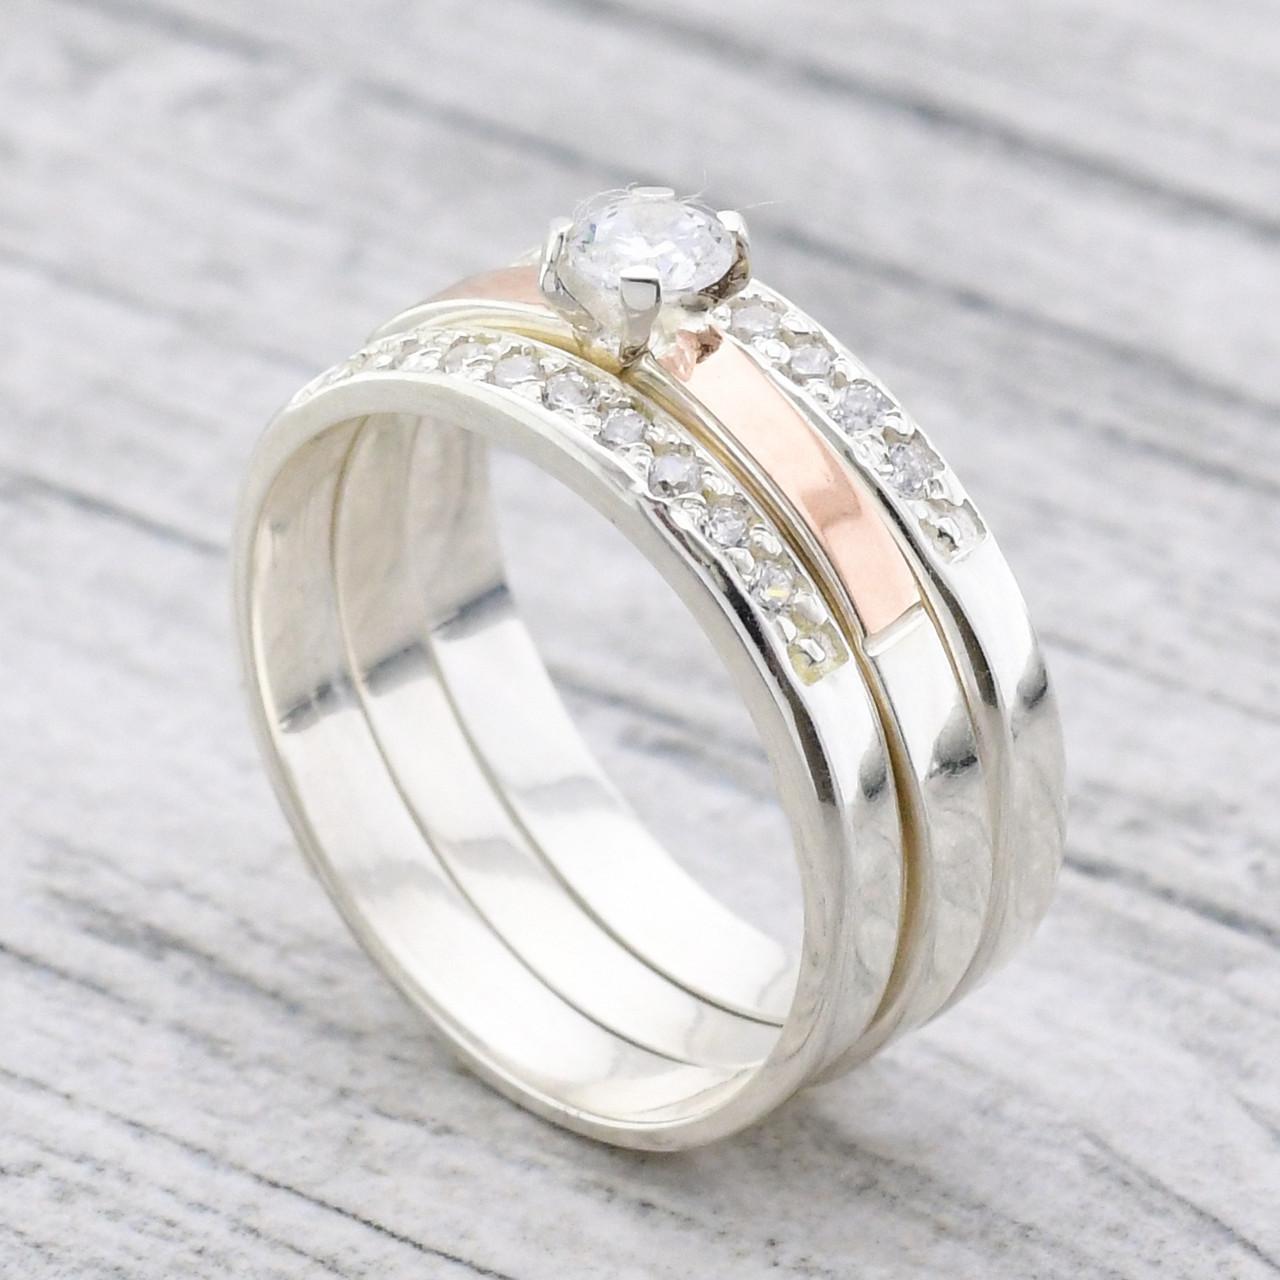 Серебряное кольцо тройное с золотом Трио вставка белые фианиты вес 6.4 г размер 21